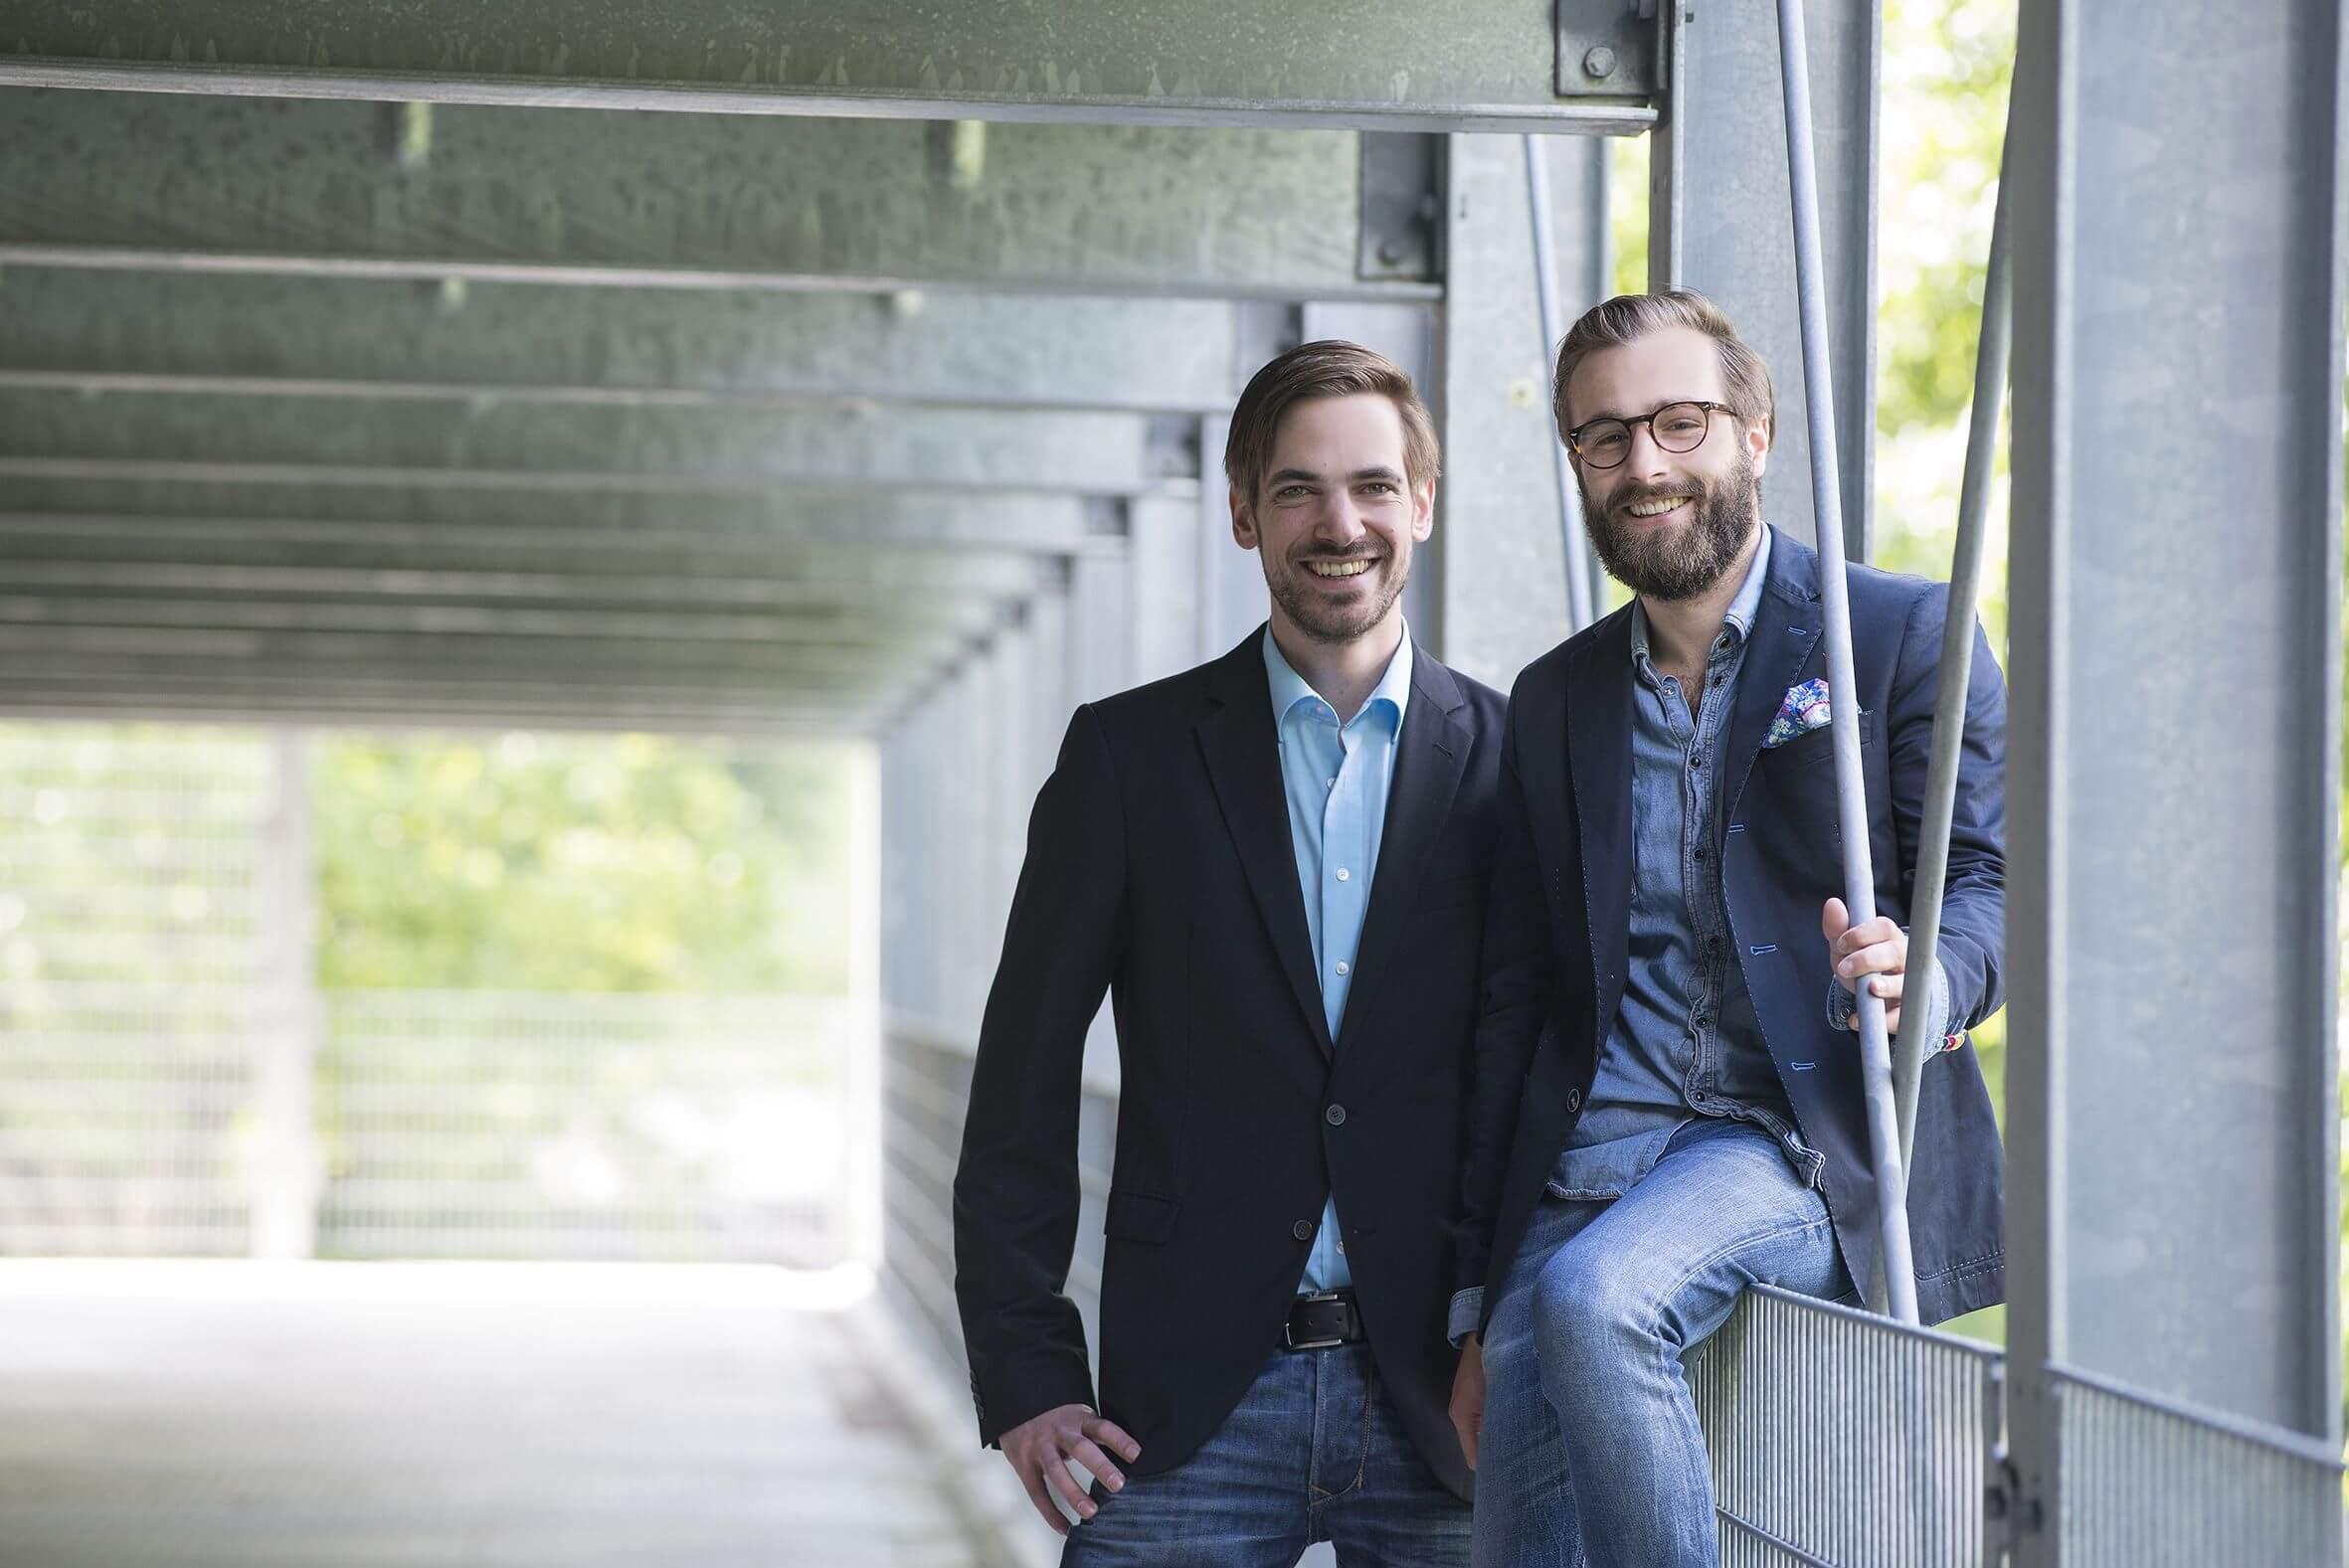 Interview mit Dortmunder Unternehmen: Lowenerlight LED-Lichtlösungen